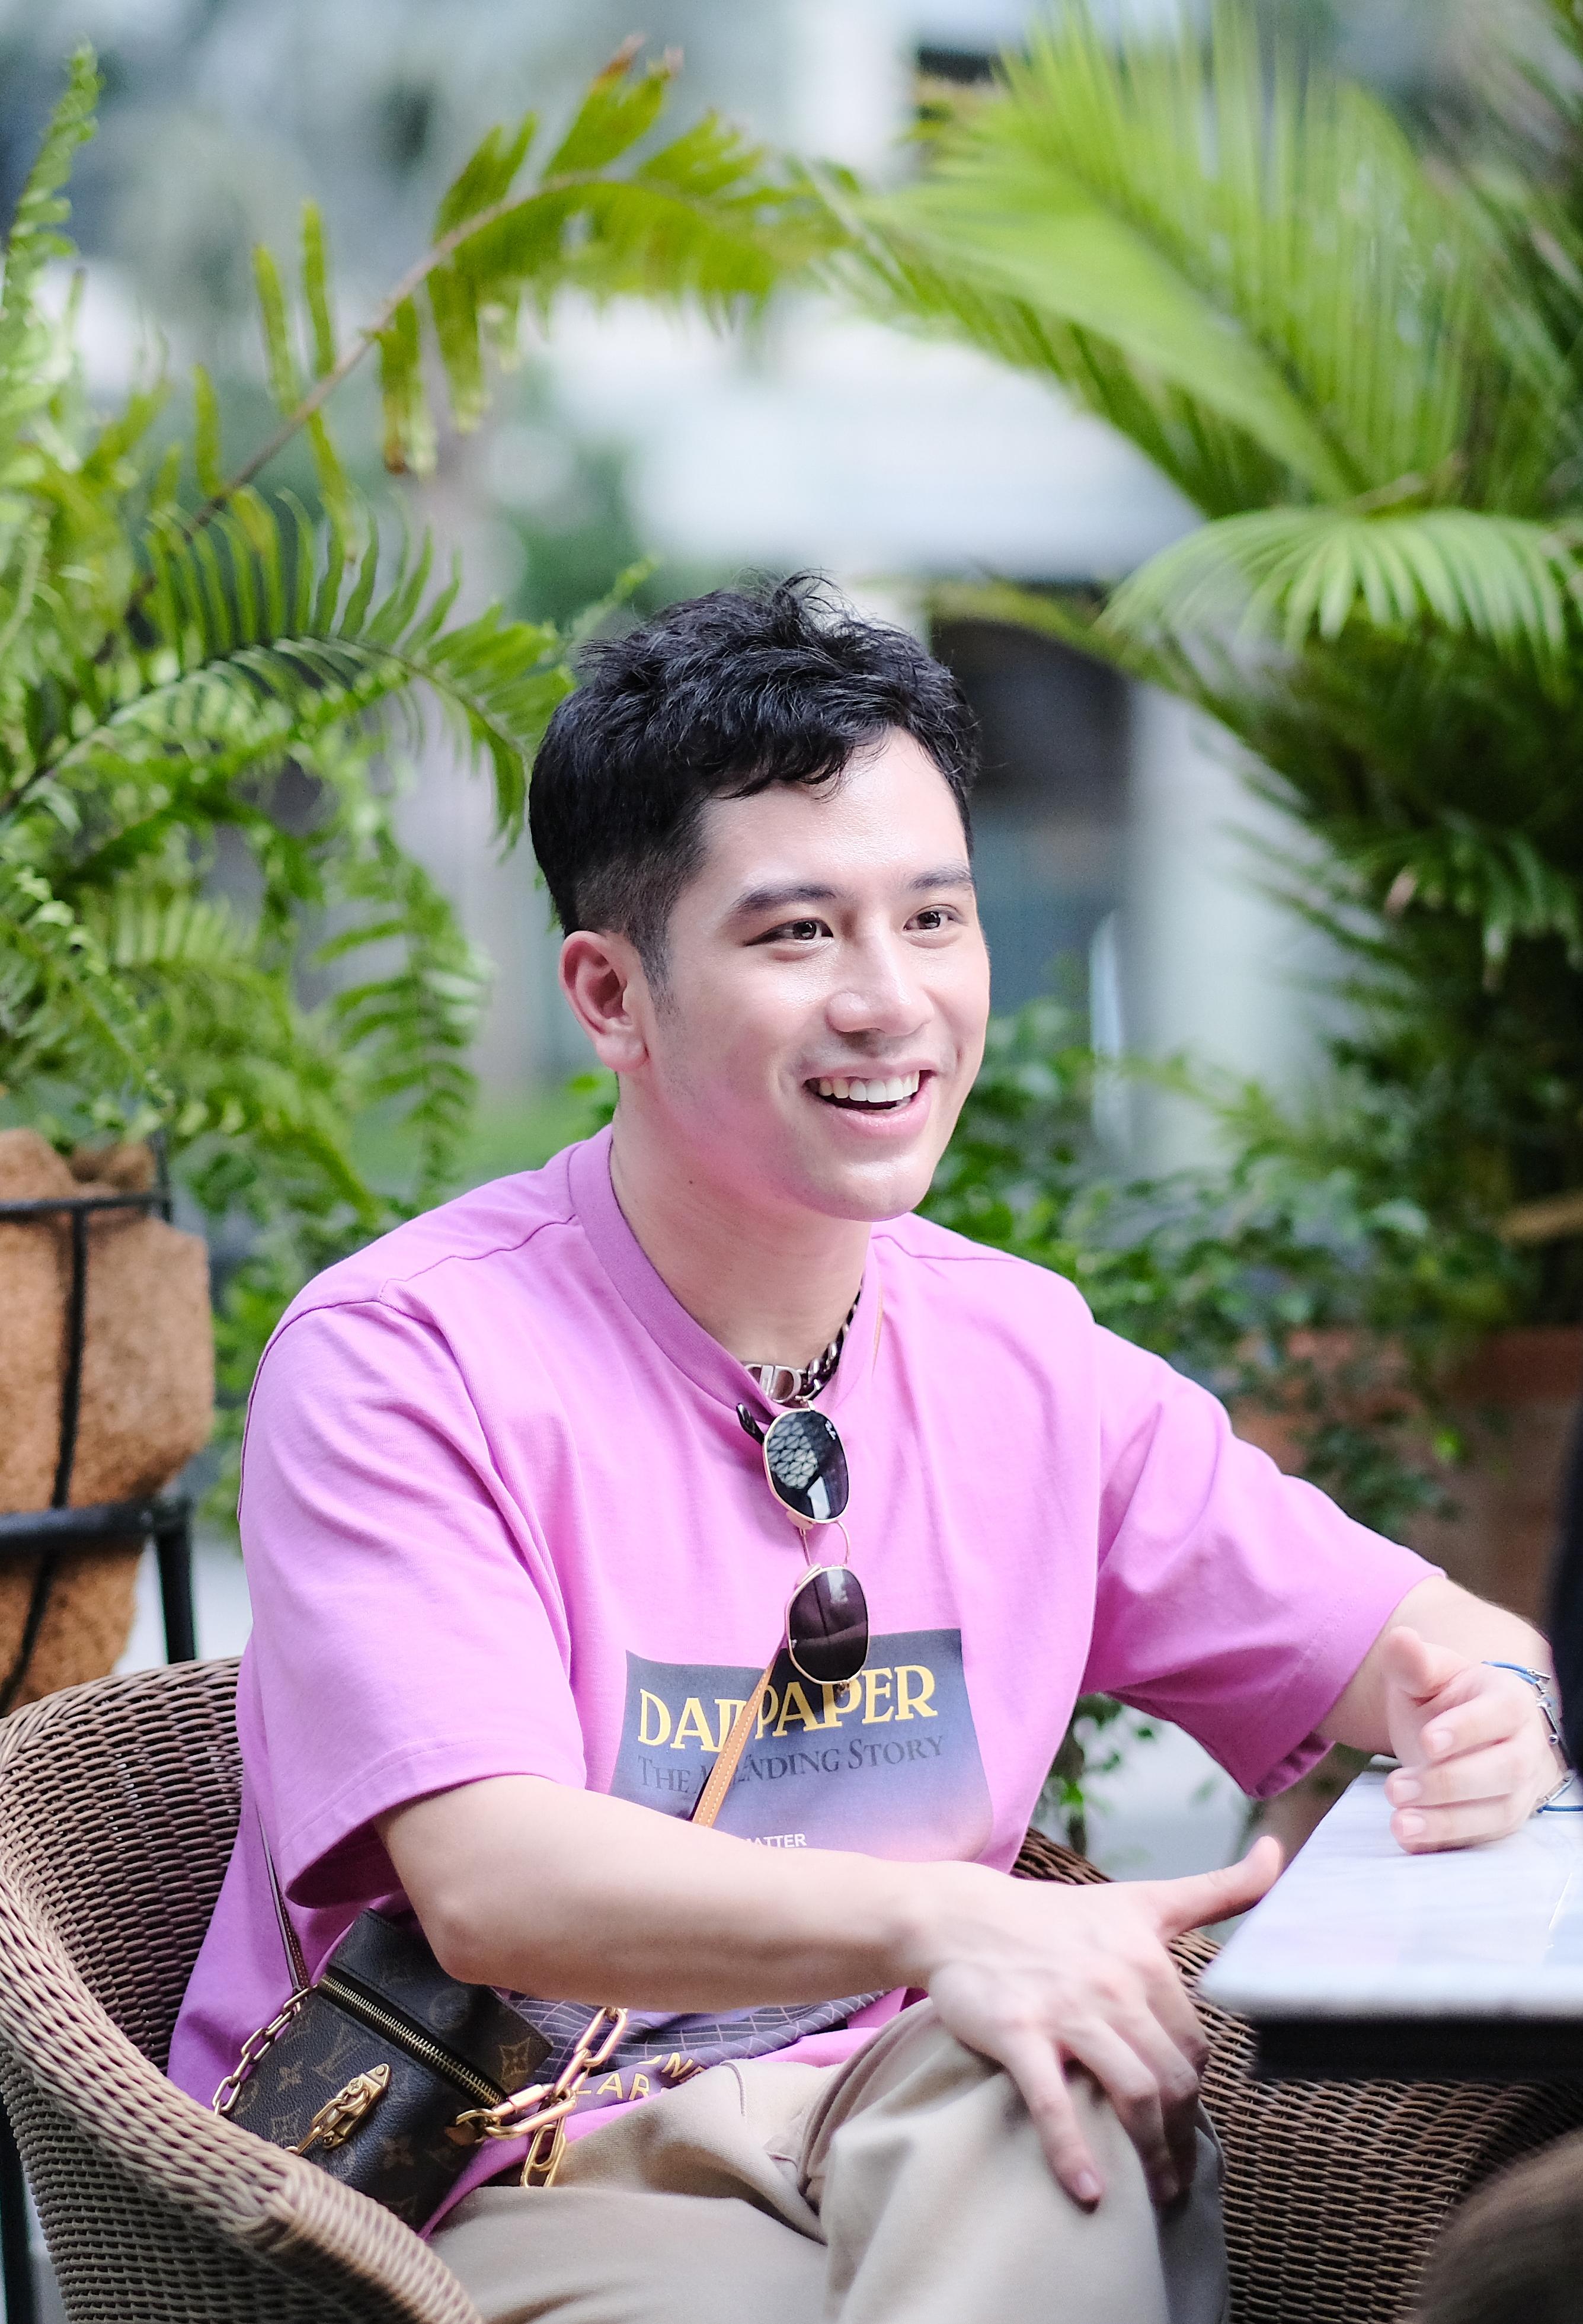 Food Blogger Vũ Dino: 'Trước tuổi 30 chớ nên tiết kiệm tiền, vì tiết kiệm cũng chẳng được bao nhiêu; thứ bạn nên tích luỹ nhất là kinh nghiệm và trải nghiệm' - Ảnh 5.